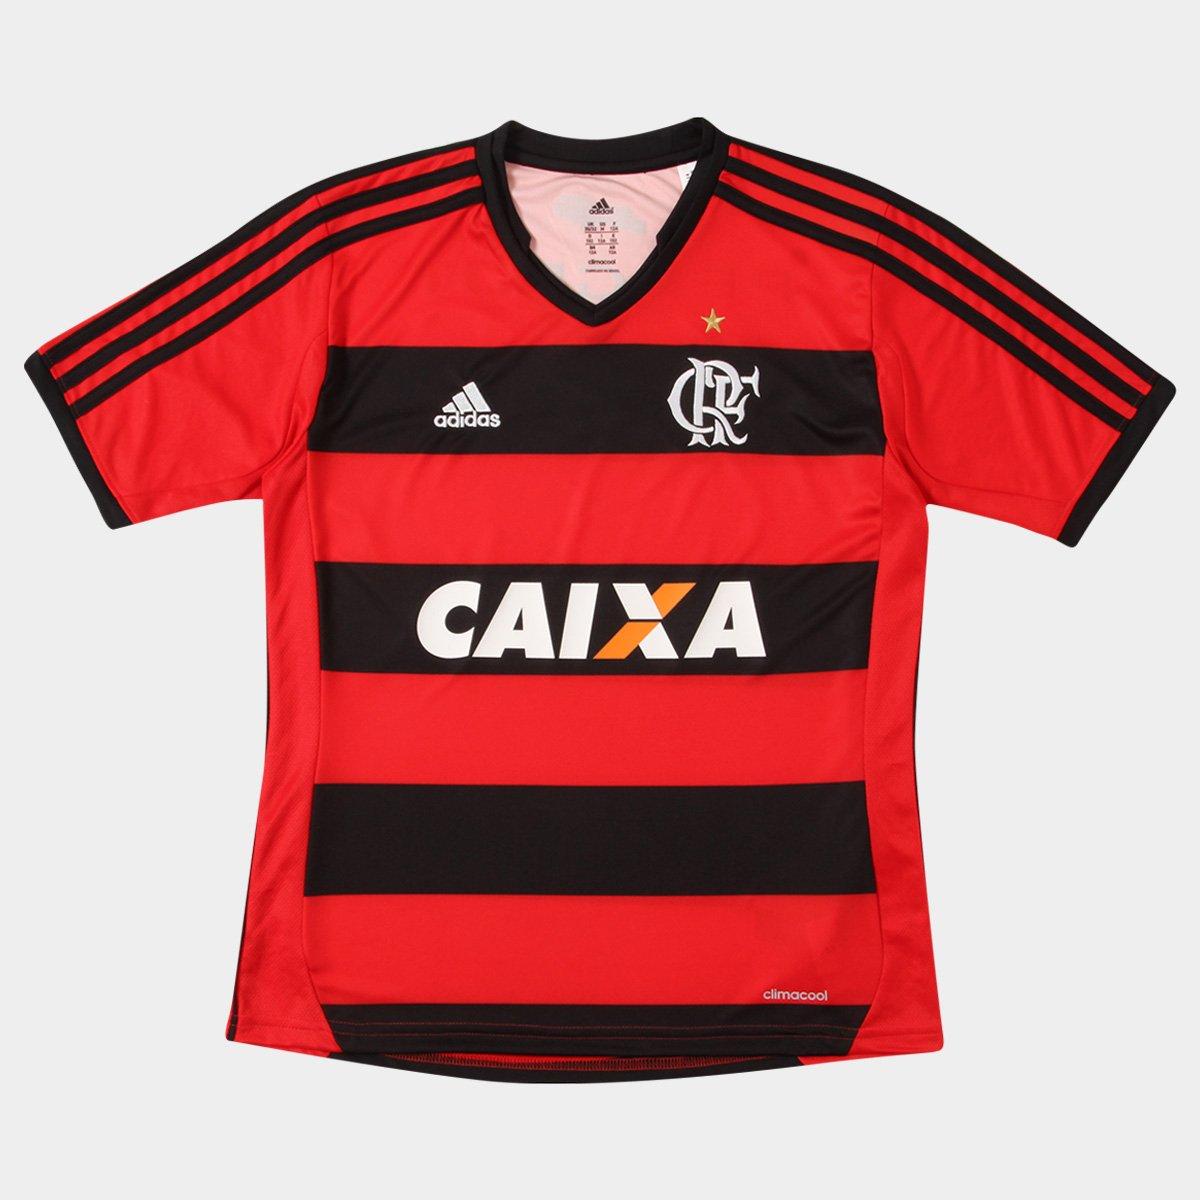 Camisa Adidas Flamengo I 13 14 s nº Infantil - Compre Agora  02aea63ad9c